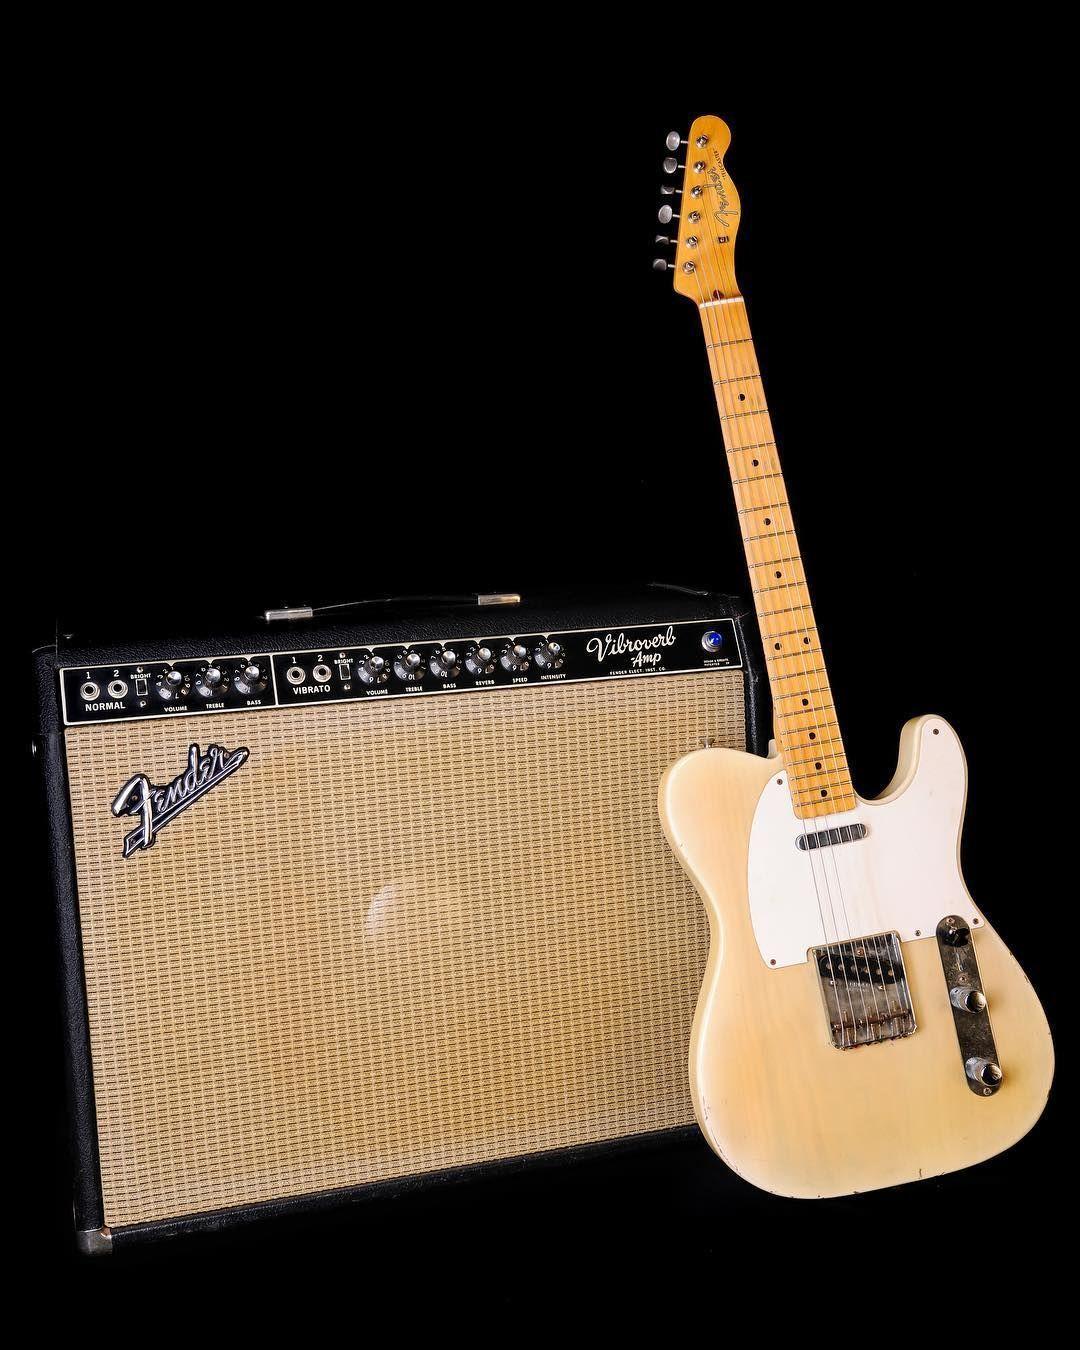 John Fell (@john.fell) • 1957 Fender Telecaster, 1964 Fender Vibroverb Amp #fendertelecaster John Fell (@john.fell) • 1957 Fender Telecaster, 1964 Fender Vibroverb Amp #fendertelecaster John Fell (@john.fell) • 1957 Fender Telecaster, 1964 Fender Vibroverb Amp #fendertelecaster John Fell (@john.fell) • 1957 Fender Telecaster, 1964 Fender Vibroverb Amp #fendertelecaster